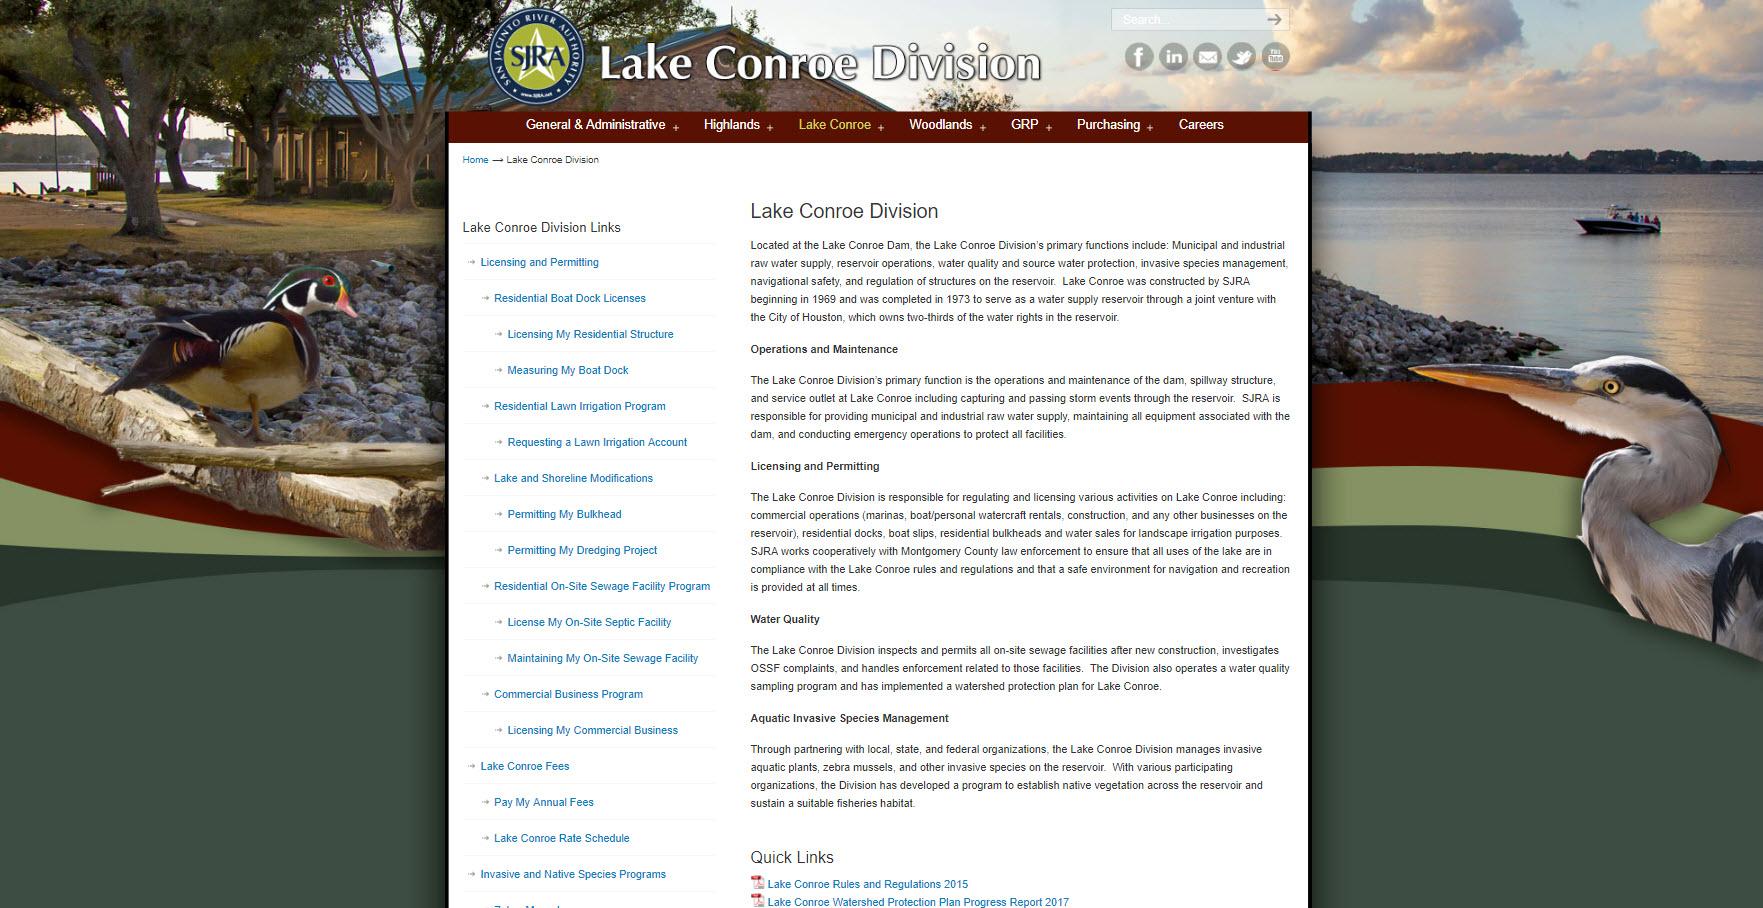 SJRA Lake Conroe